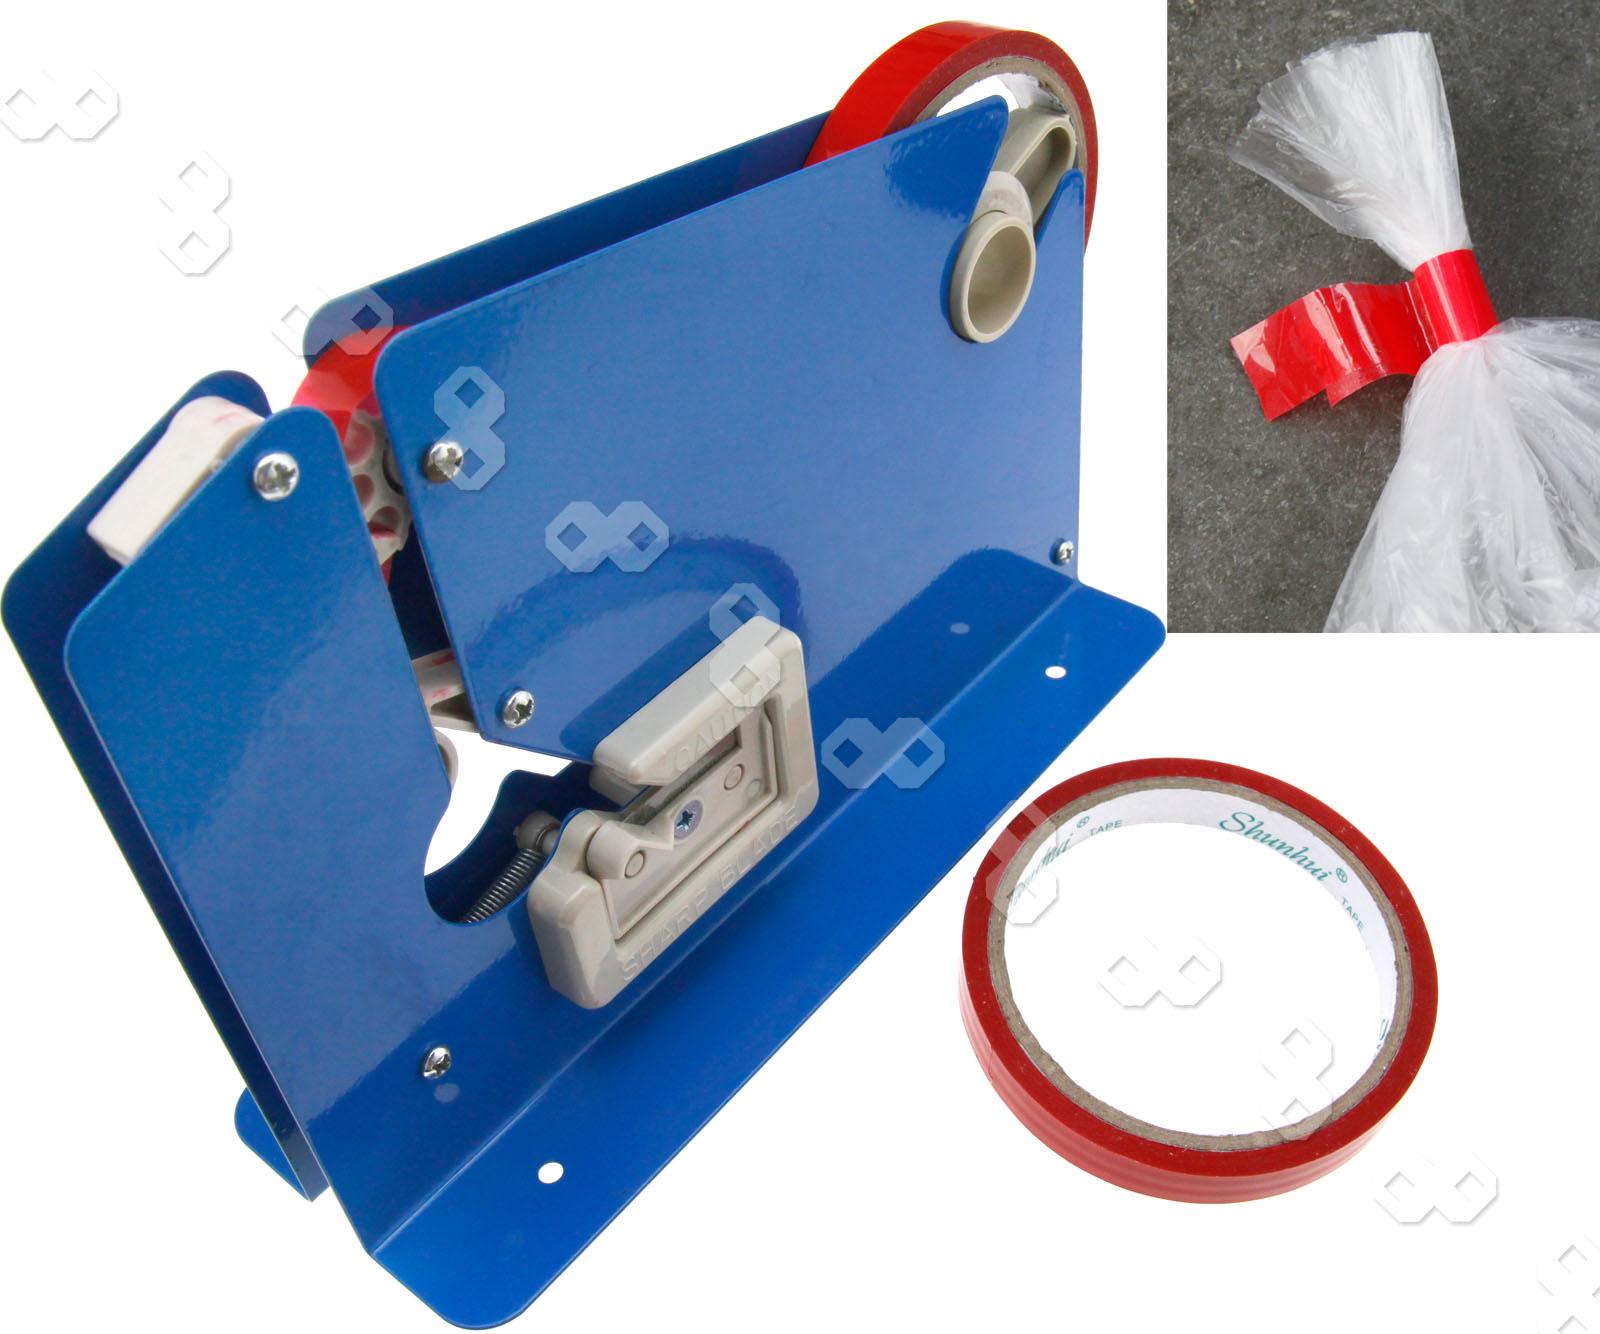 Plastic bag tape sealer - Supermarket Metal Trimming Blade Plastic Bag Neck Sealer 2 Rolls Tape